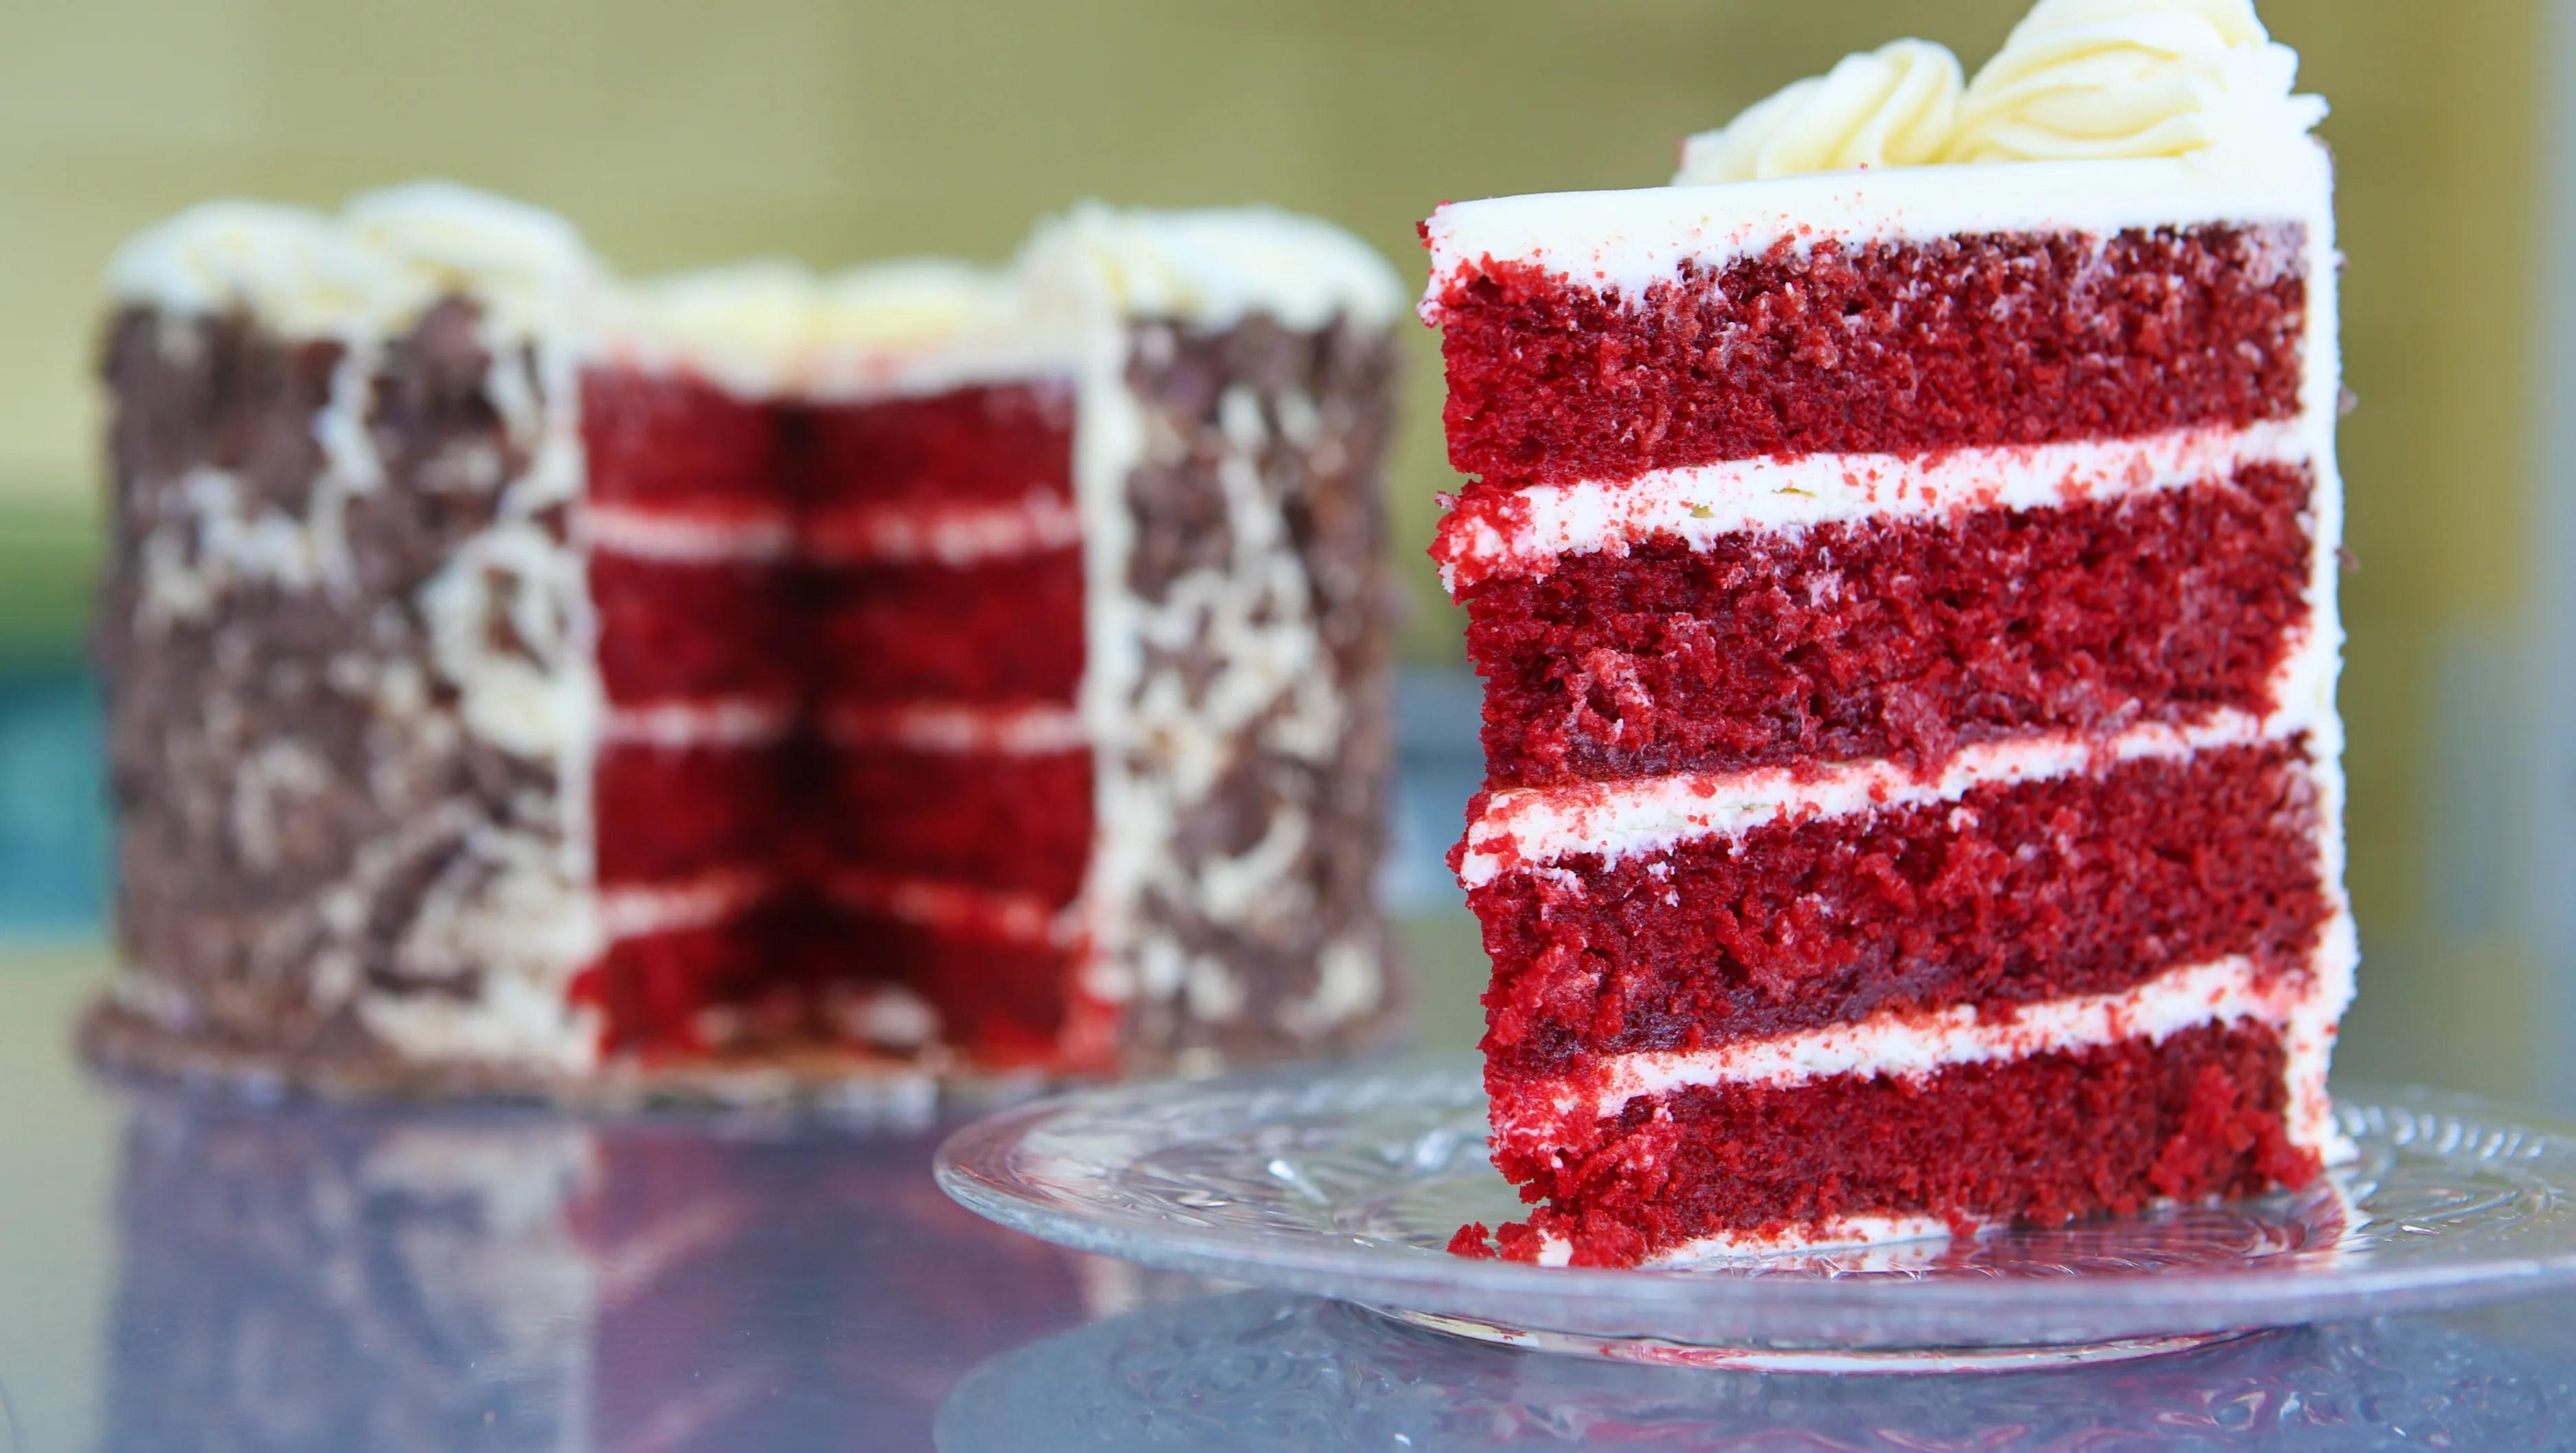 desserts by helen s